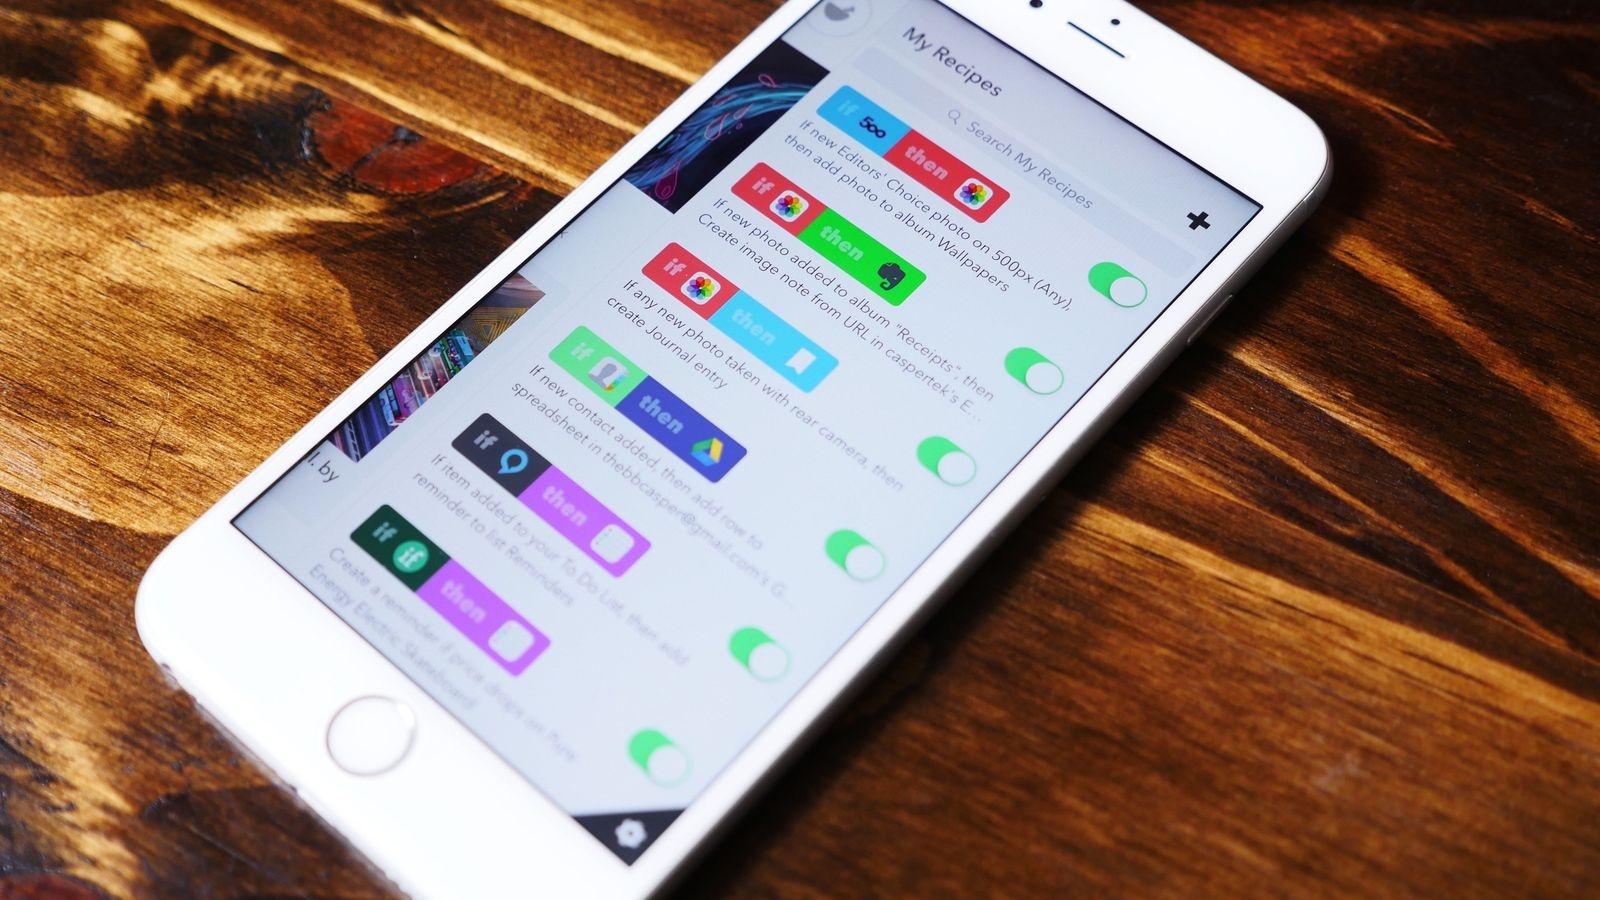 Как научить телефон варить тебе кофе и сохранять картинки без рук: обзор мешап-сервиса IFTTT - 3